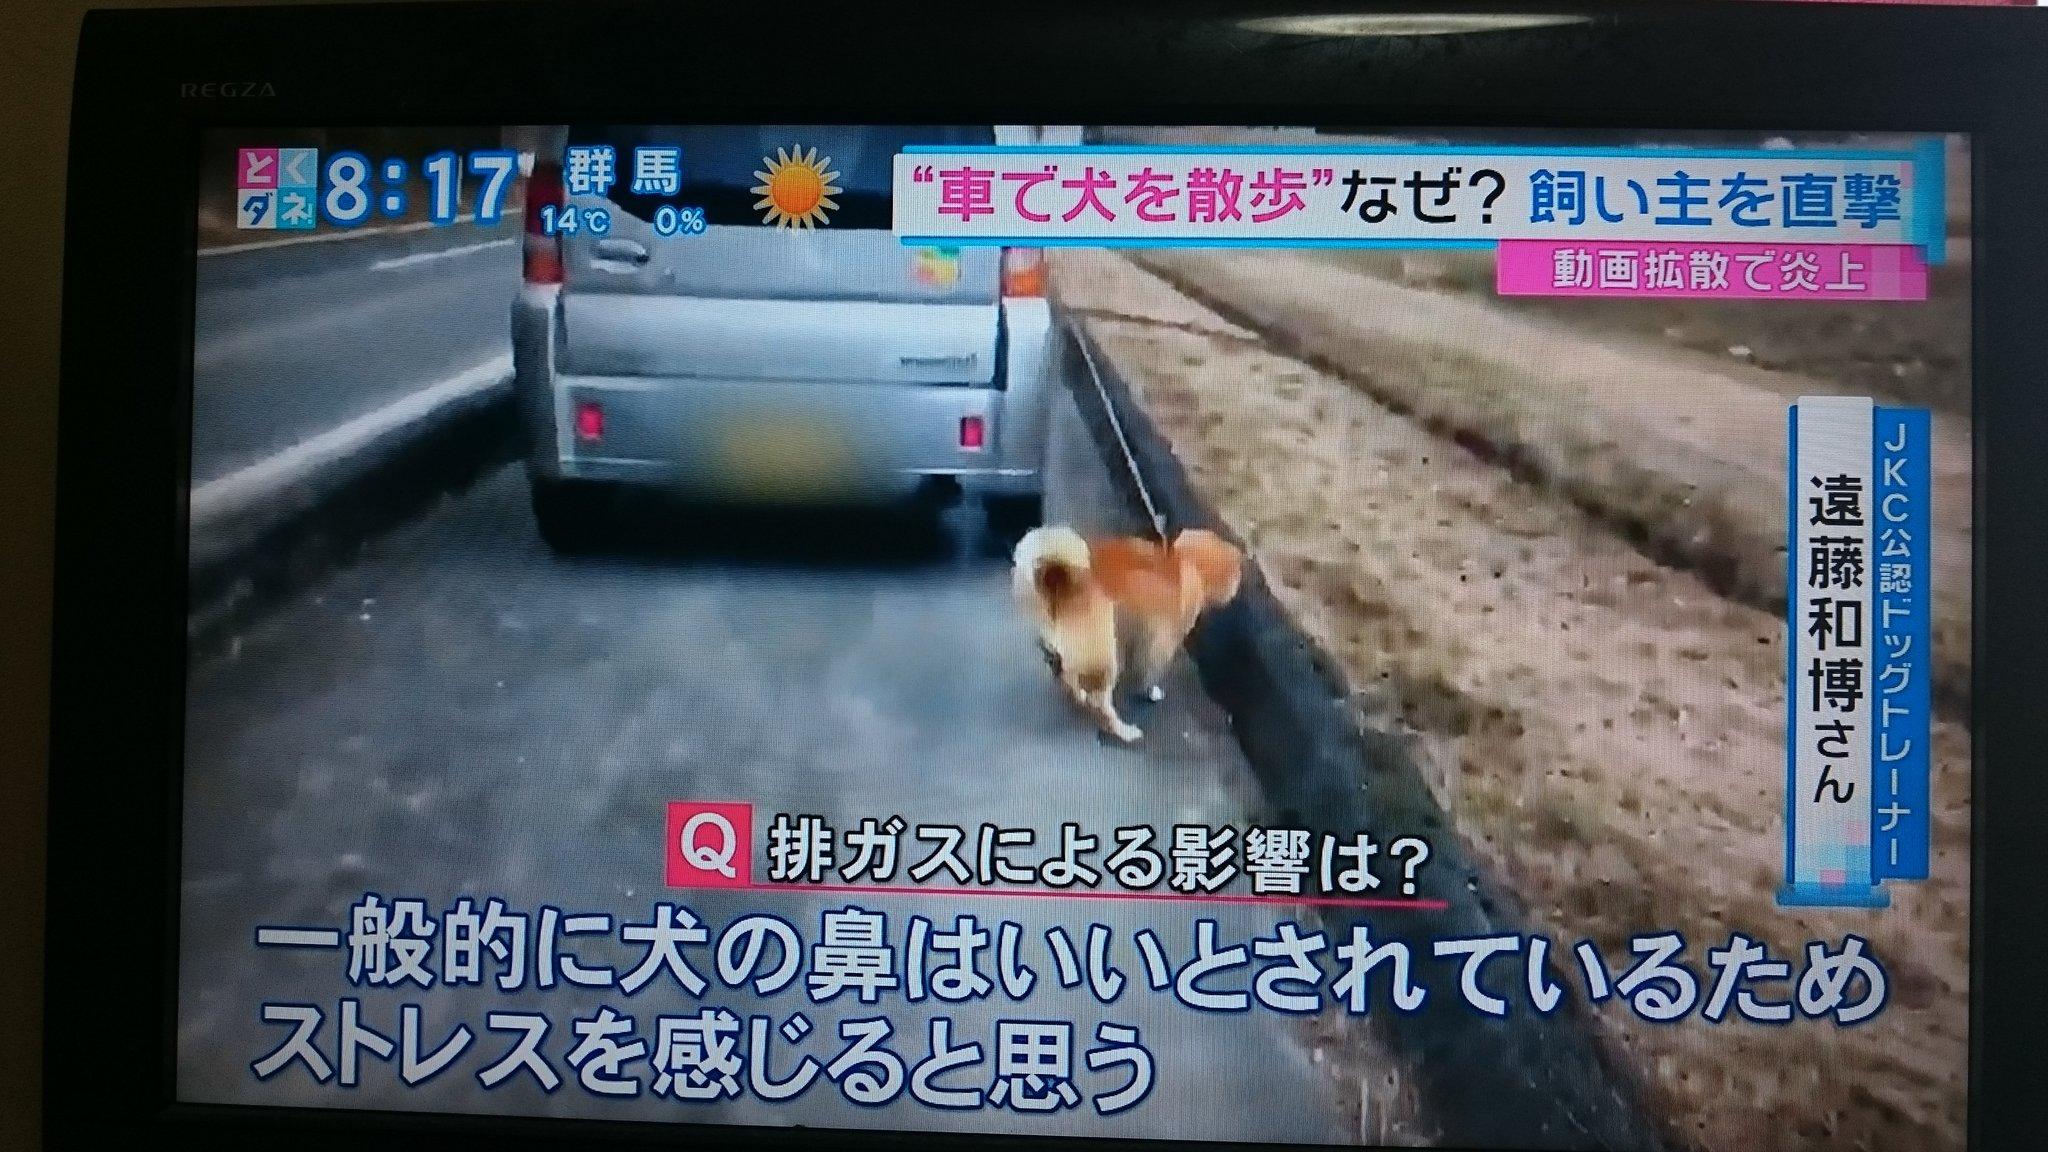 画像,#とくダネ 取り上げてくれてありがとう!犬を車で散歩していた老人何よりも怪我が無くて良かった! https://t.co/HO2f8IzyL5…